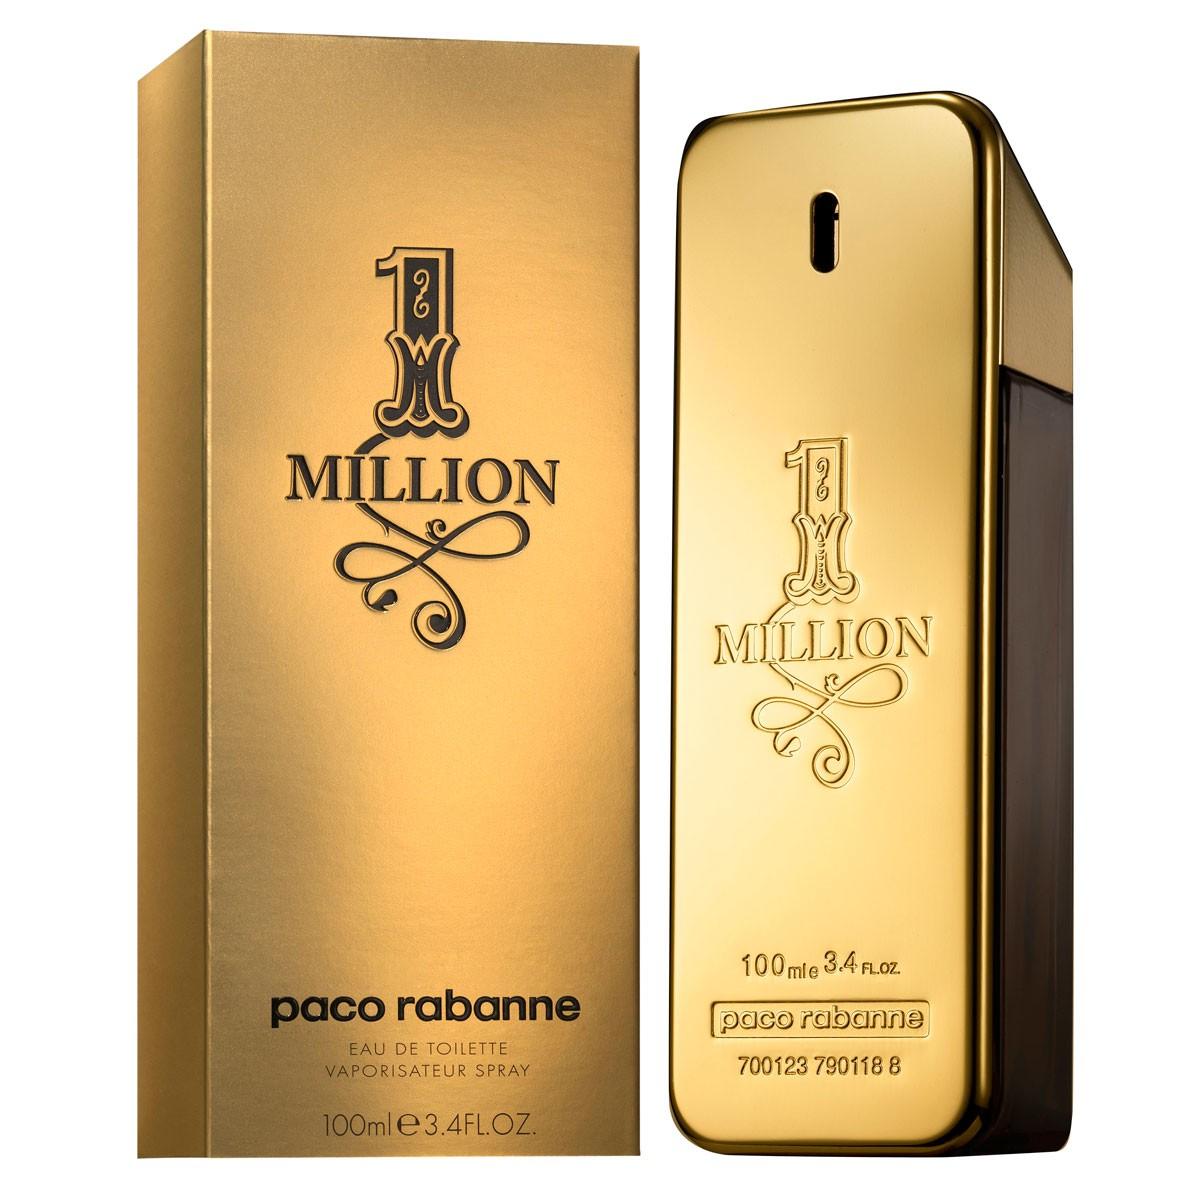 Perfume Importado 1 Million Edt 200ml - Paco Rabanne